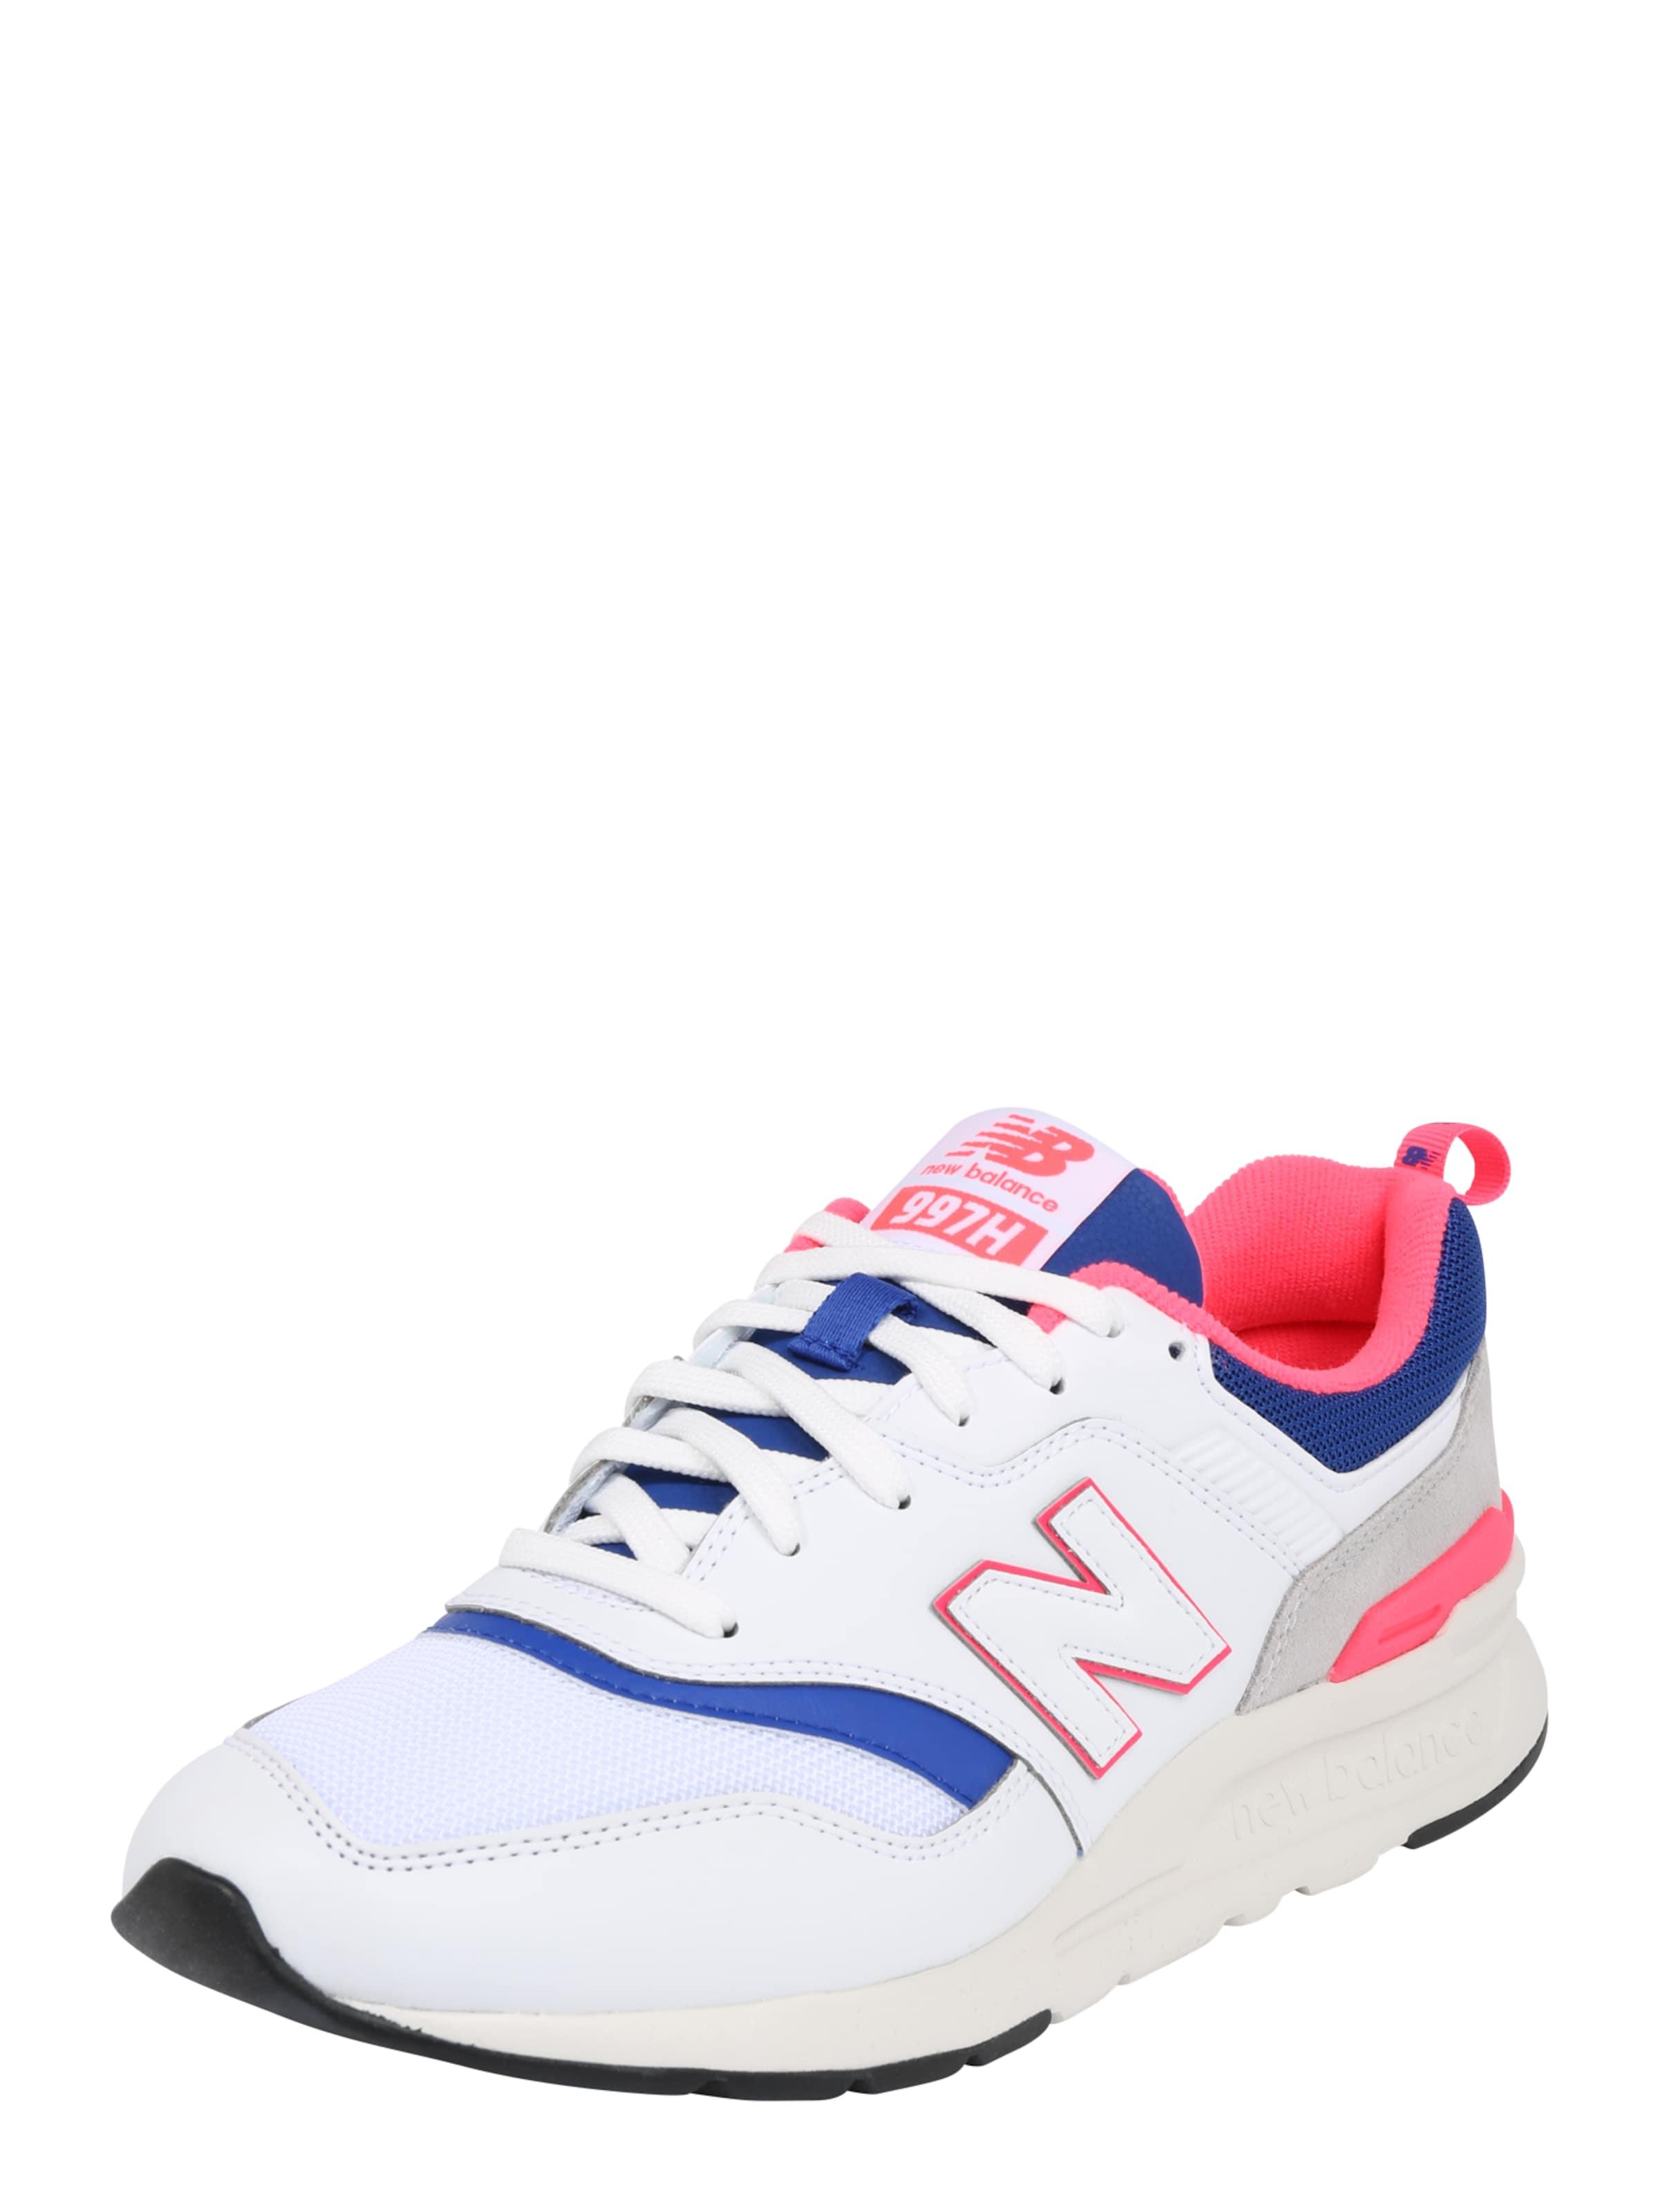 New D' Sneaker 'cm997 In BlauWeiß Balance 5R34LAj